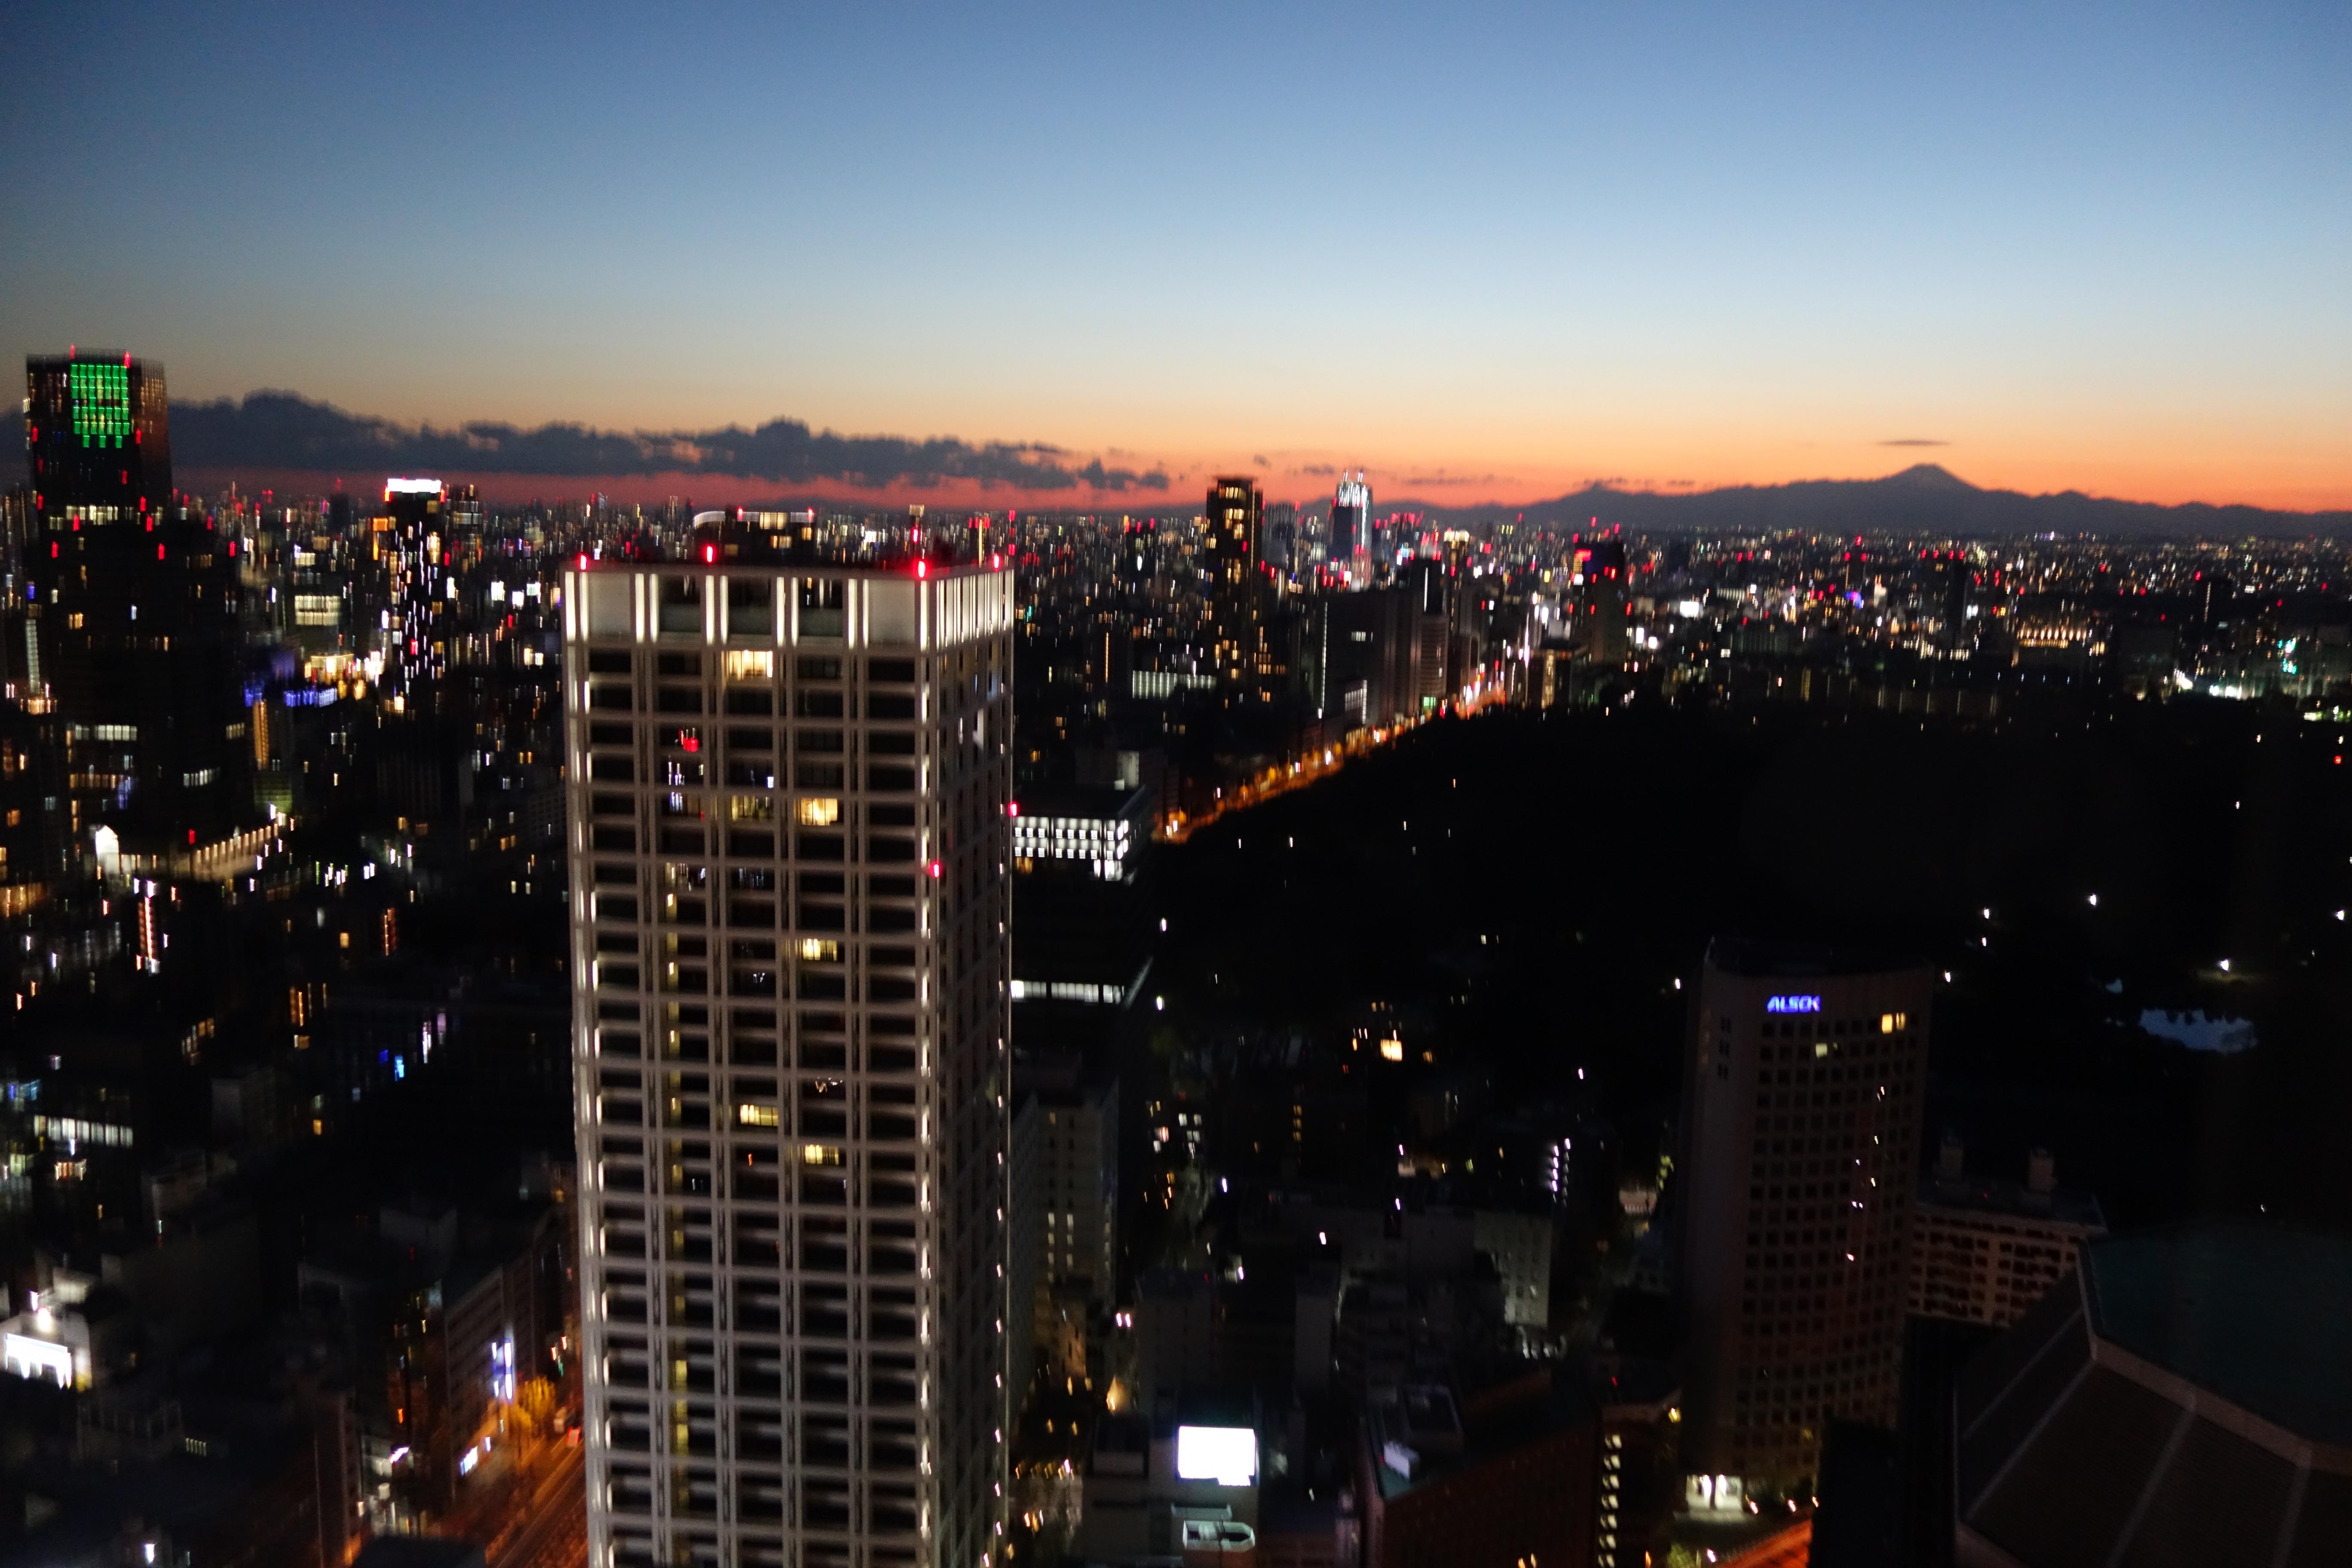 ザ・プリンスギャラリー東京紀尾井町,ラグジュアリーコレクションホテルお部屋からの夜景2